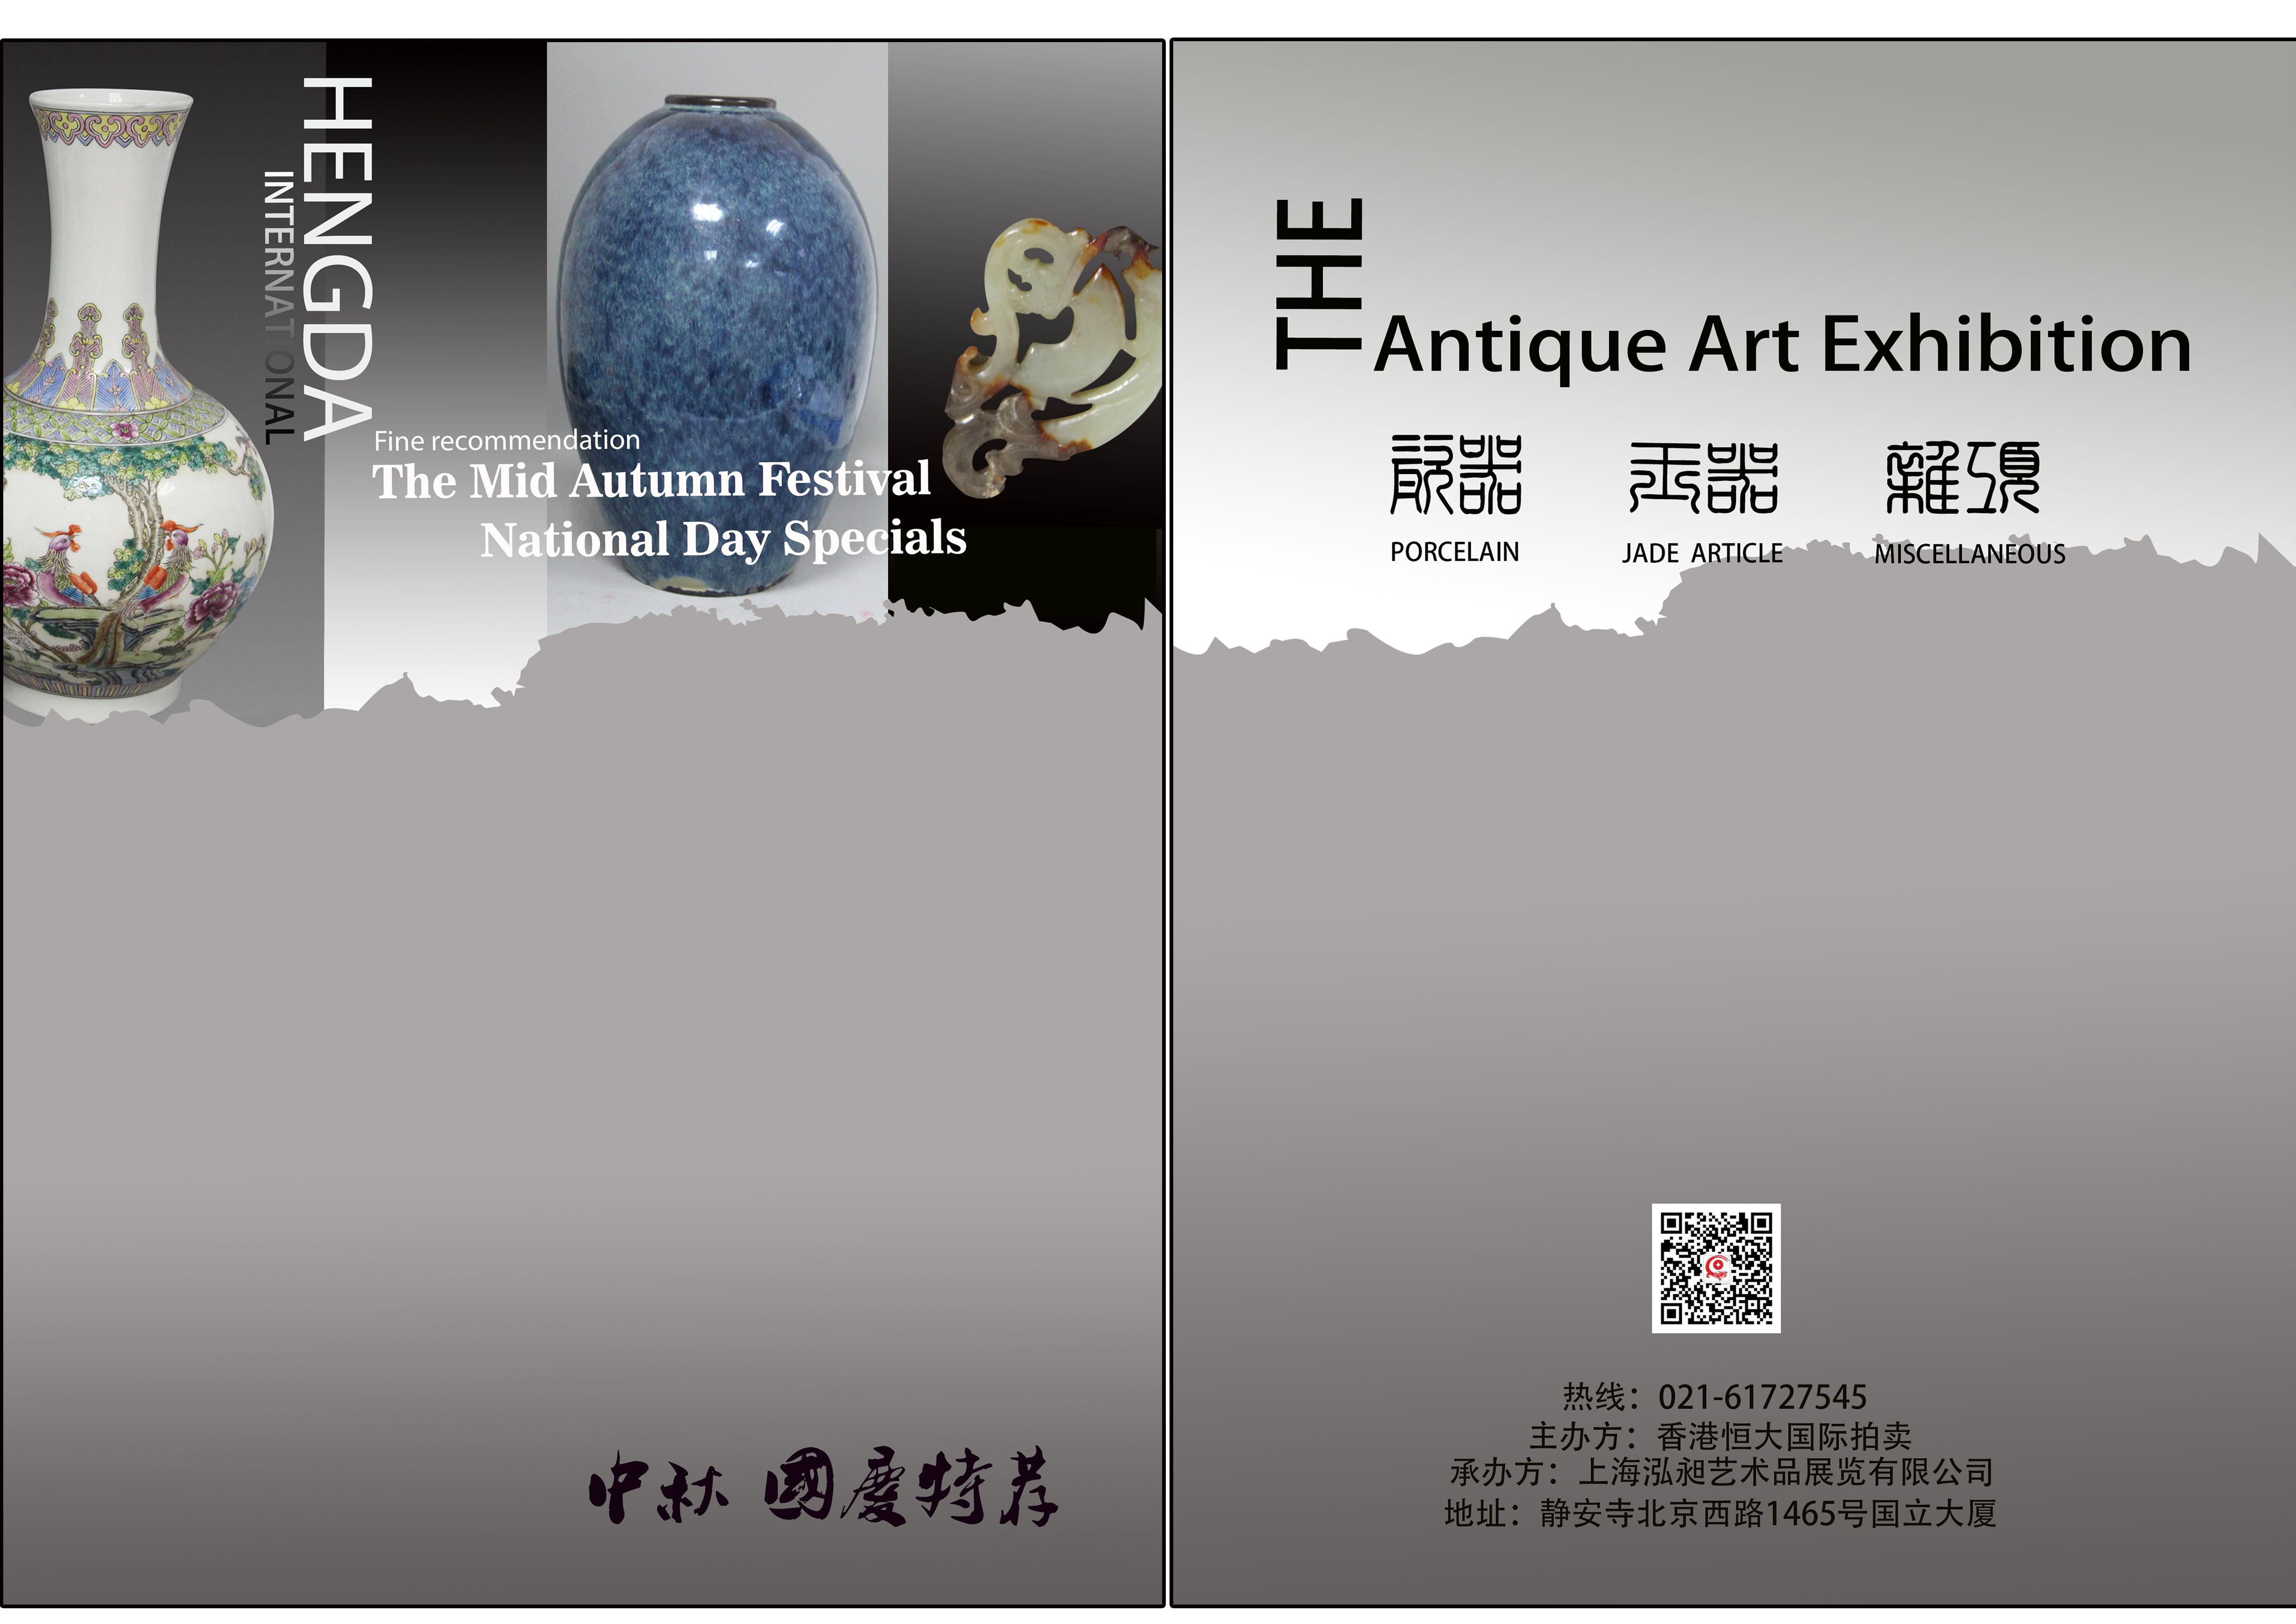 艺术品书籍封面